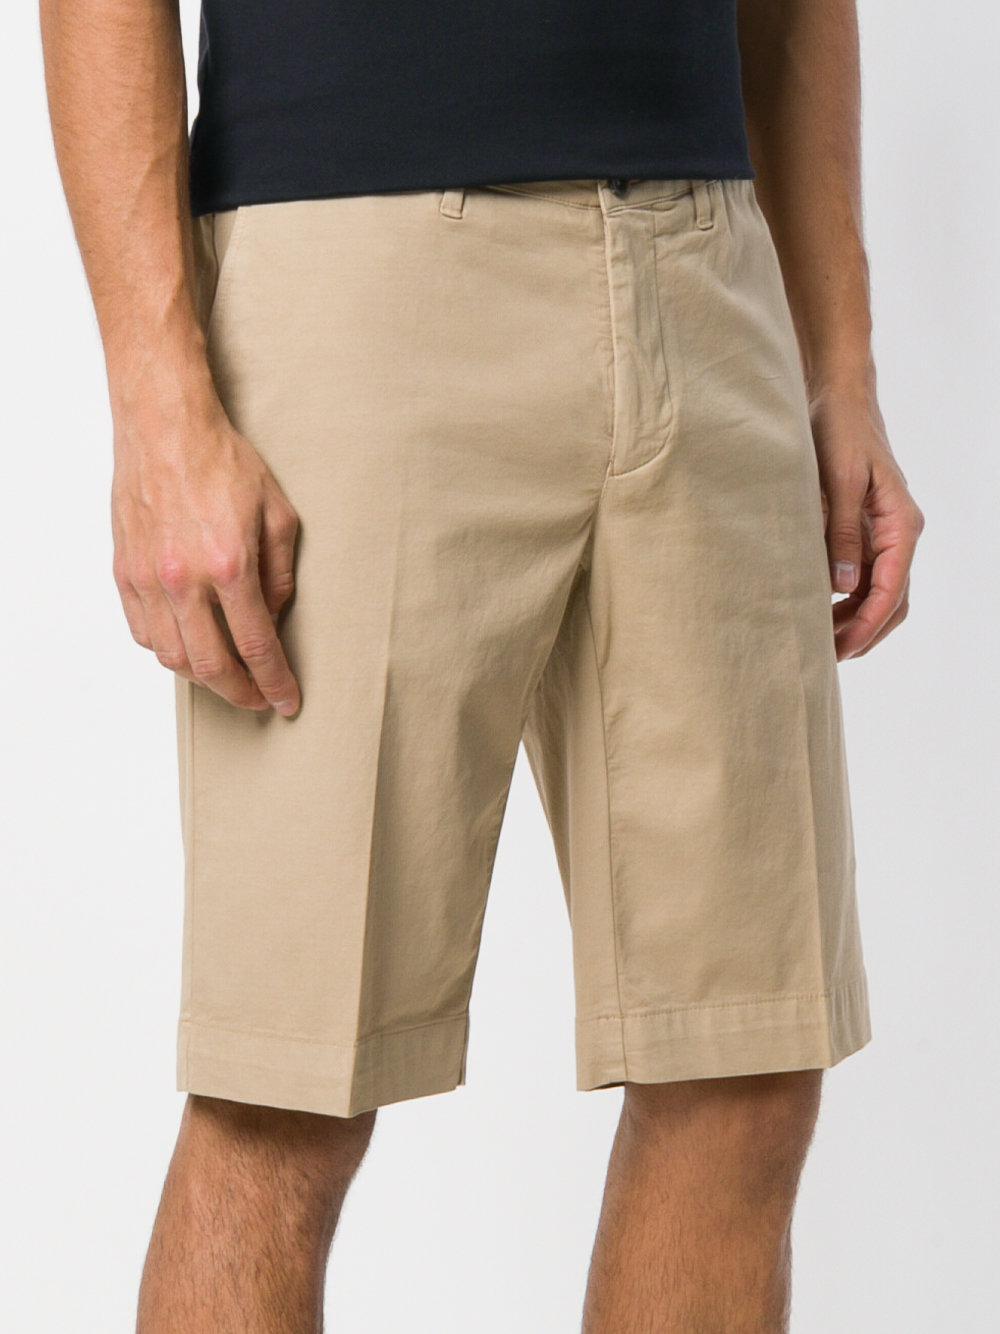 classic bermuda shorts - Nude & Neutrals Canali ch6fsGFiA